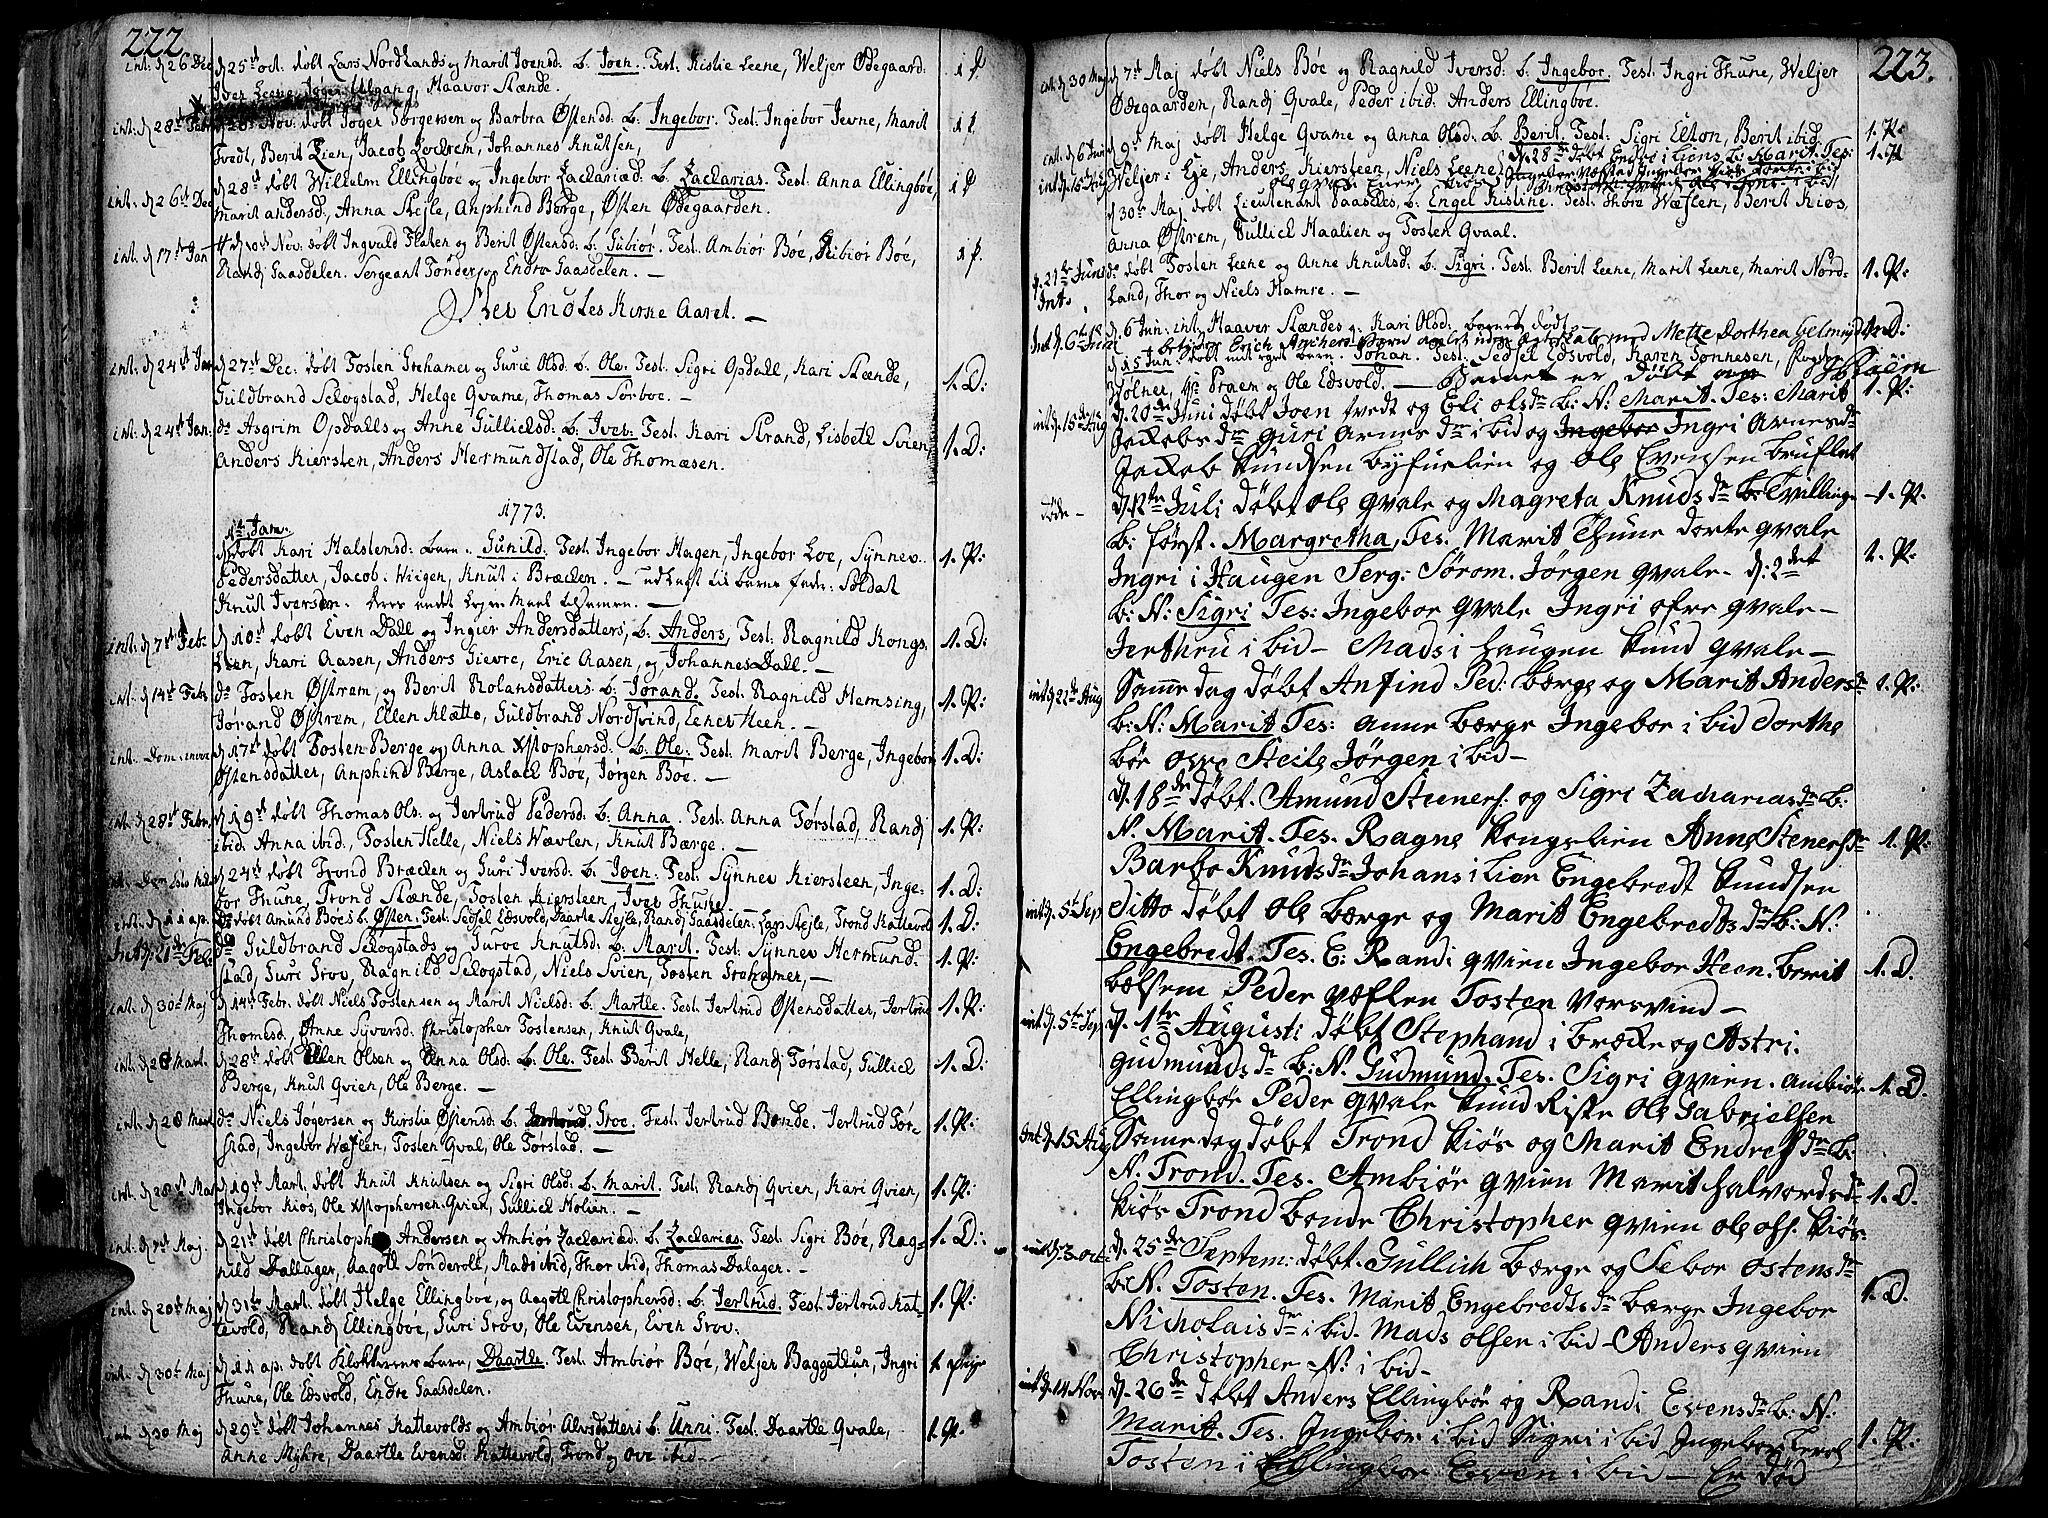 SAH, Vang prestekontor, Valdres, Ministerialbok nr. 1, 1730-1796, s. 222-223